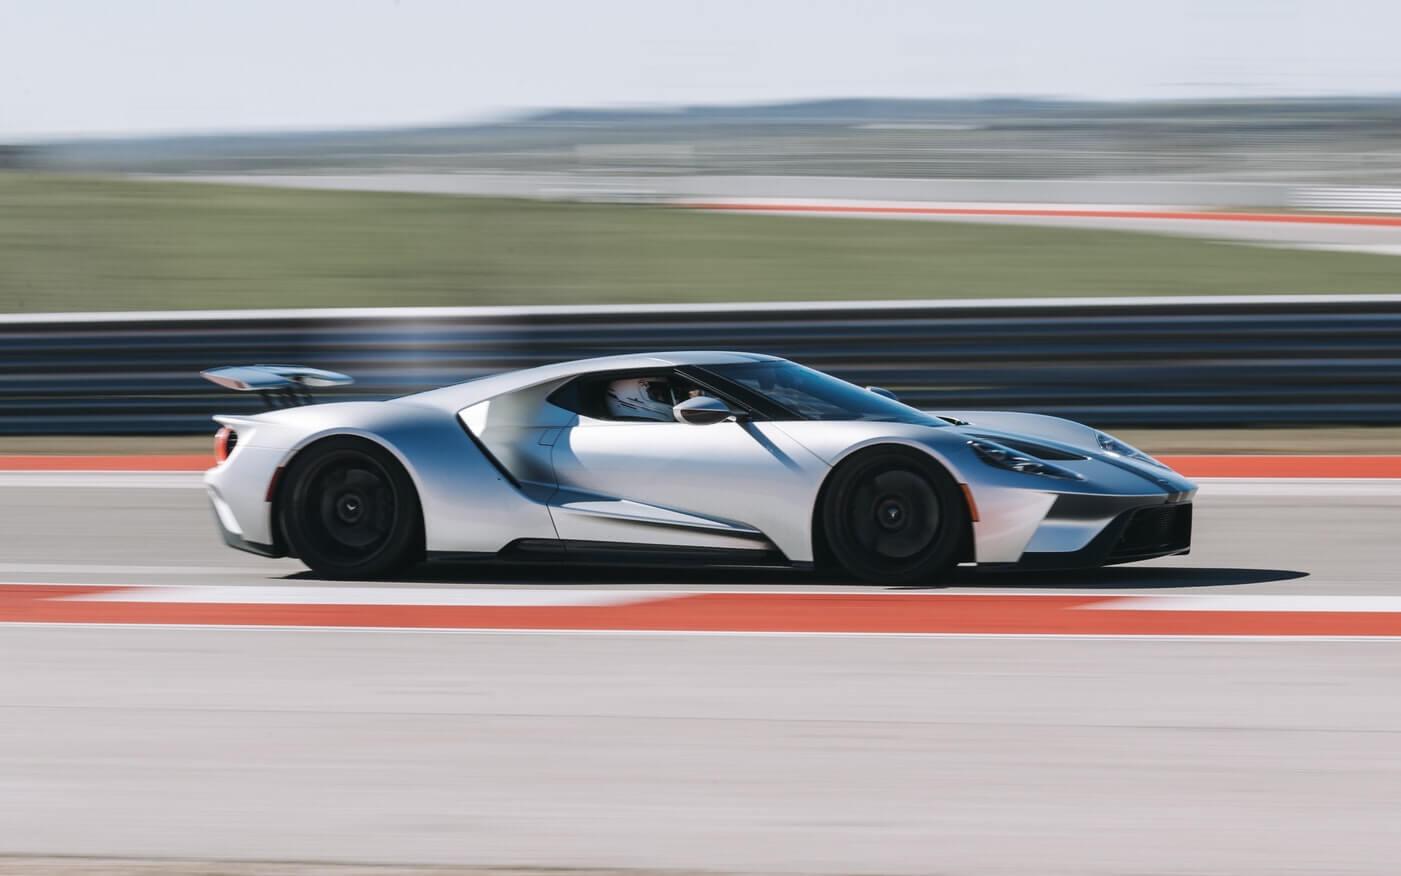 Vista lateral de carro esportivo acelerando em pista